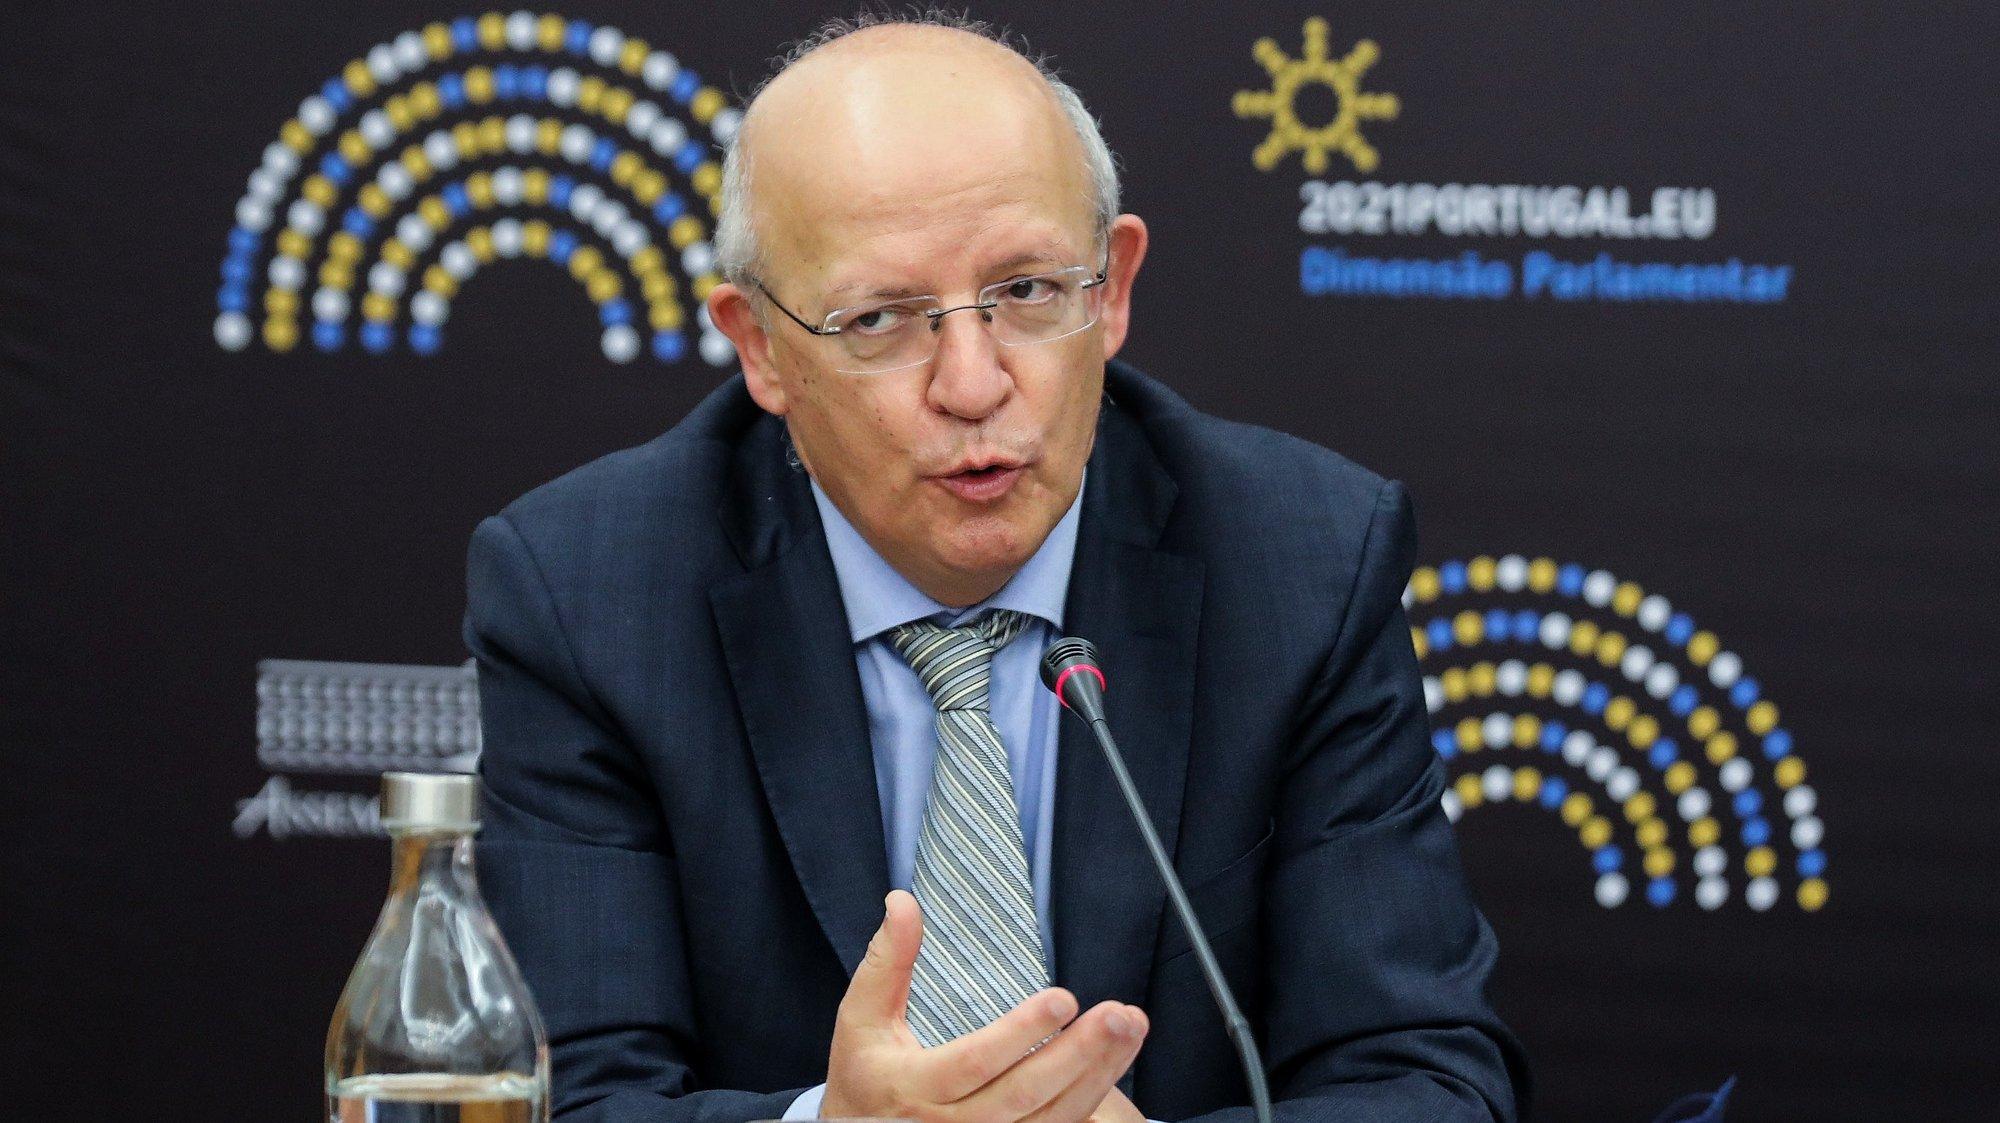 O ministro dos Negócios Estrangeiros, Augusto Santos Silva, durante a audição na Comissão de Negócios Estrangeiros e Comunidades Portuguesas esta tarde na Assembleia da República em Lisboa, 23 de fevereiro de 2021. MIGUEL A. LOPES/LUSA